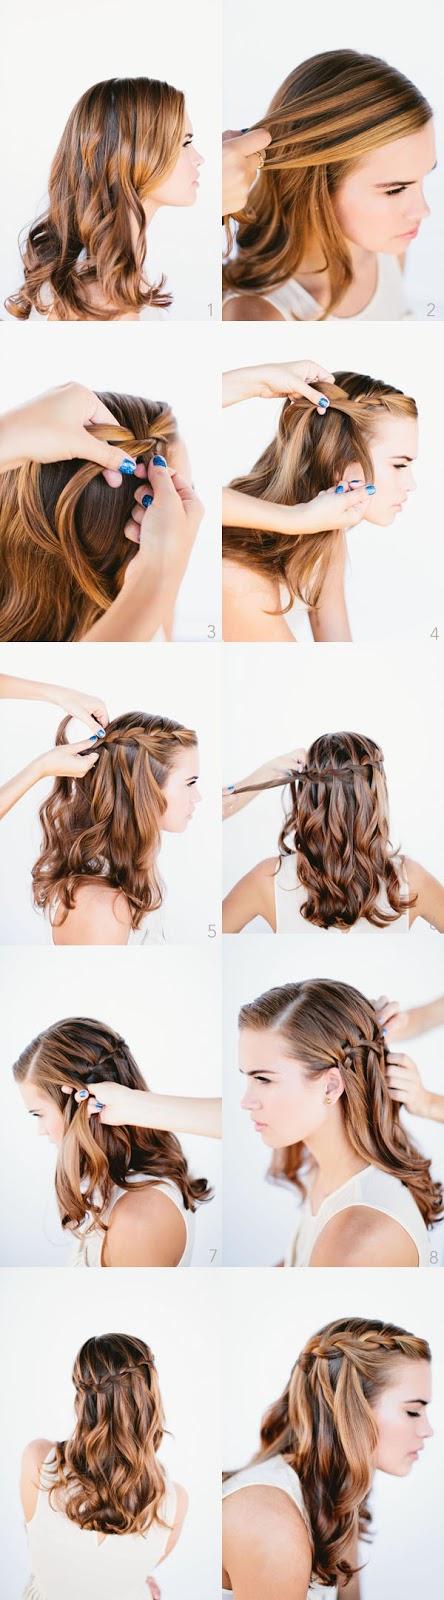 Diy wedding hairstyles hairstyles for long hair diy hairstyles